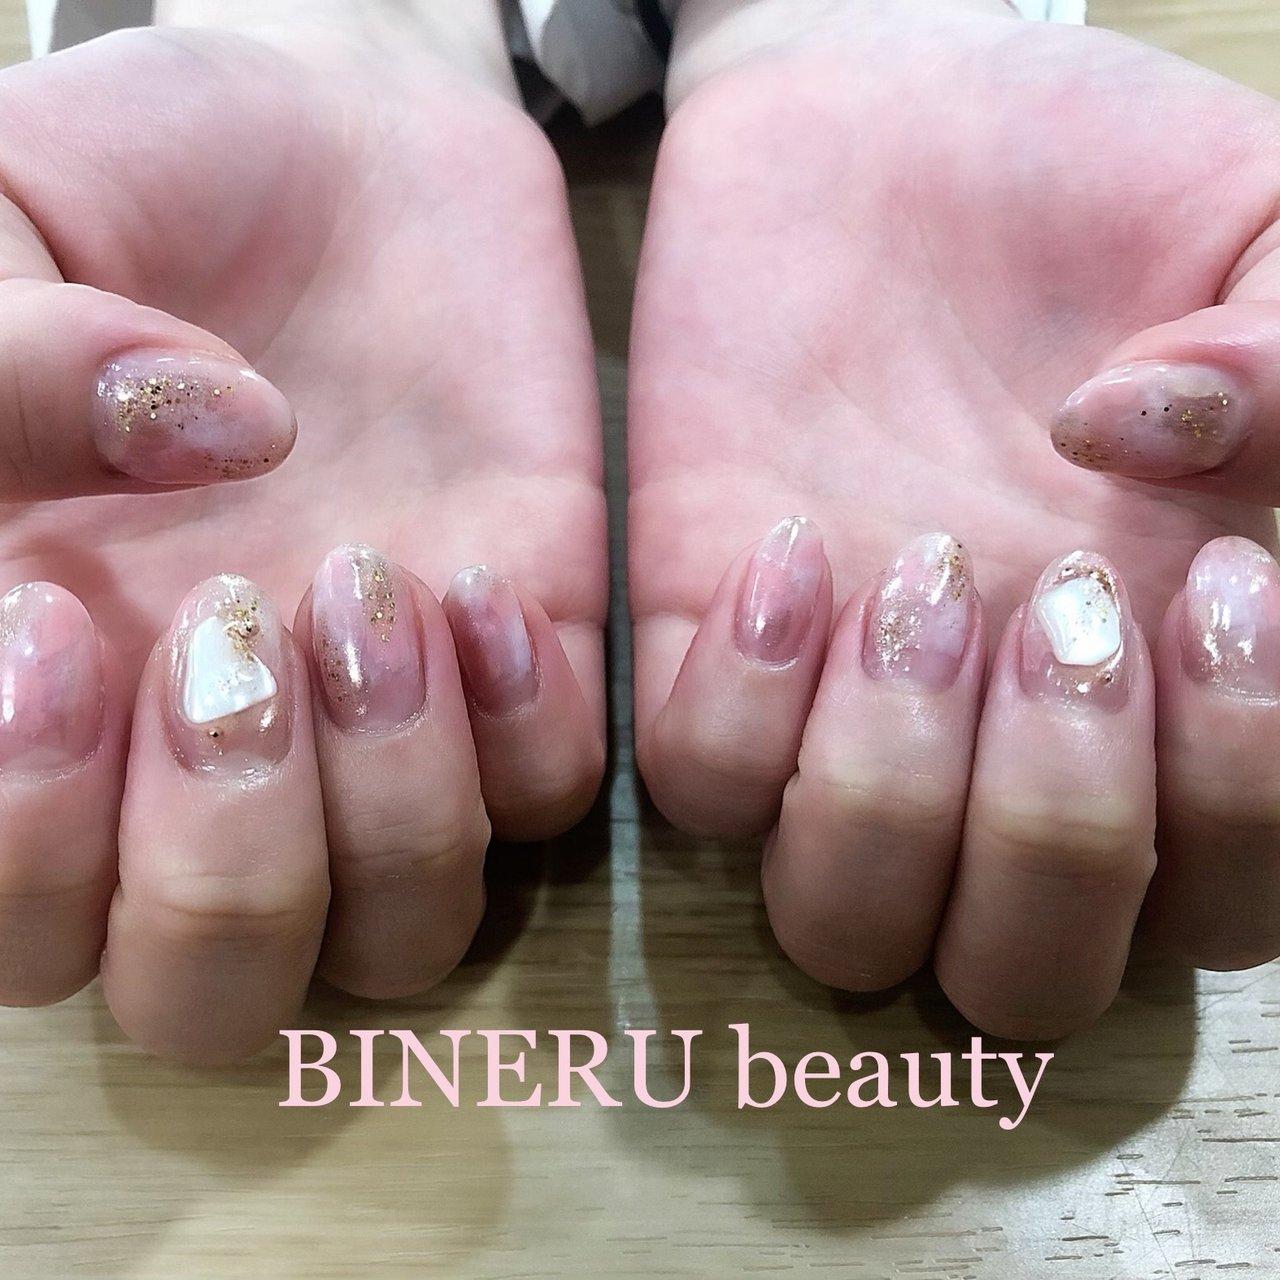 春のニュアンスネイル💕💕 #ピンクネイル #ニュアンスネイル #シェル埋め込み #ミラーネイル #BINERU beauty #静岡ネイルサロン #BINERU beauty #ネイルブック